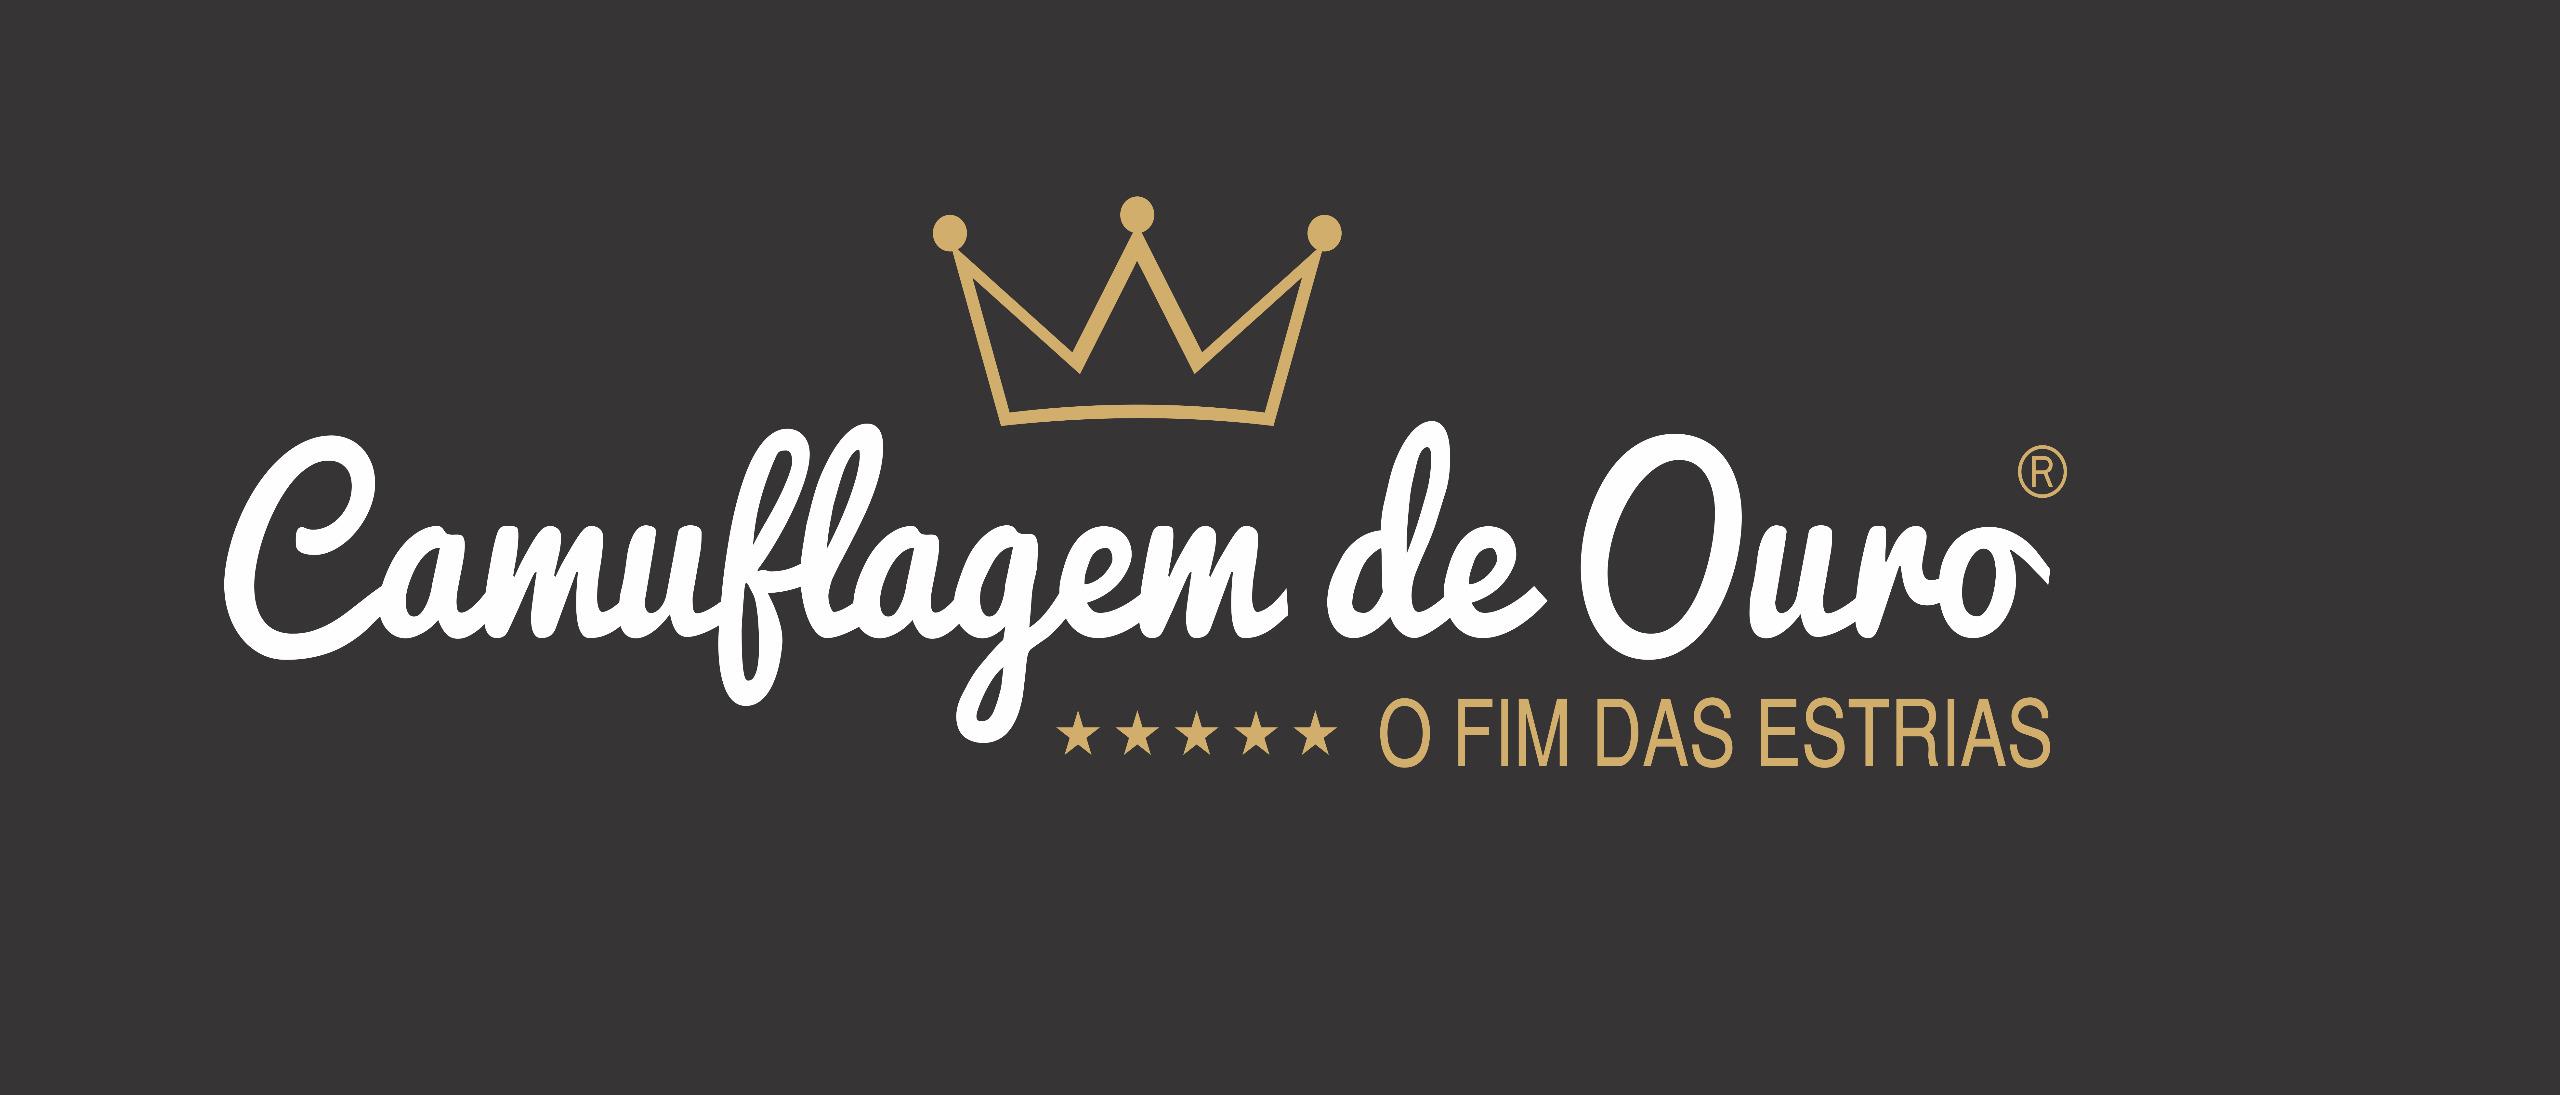 Camuflagem de Ouro (@ofimdasestrias) Cover Image